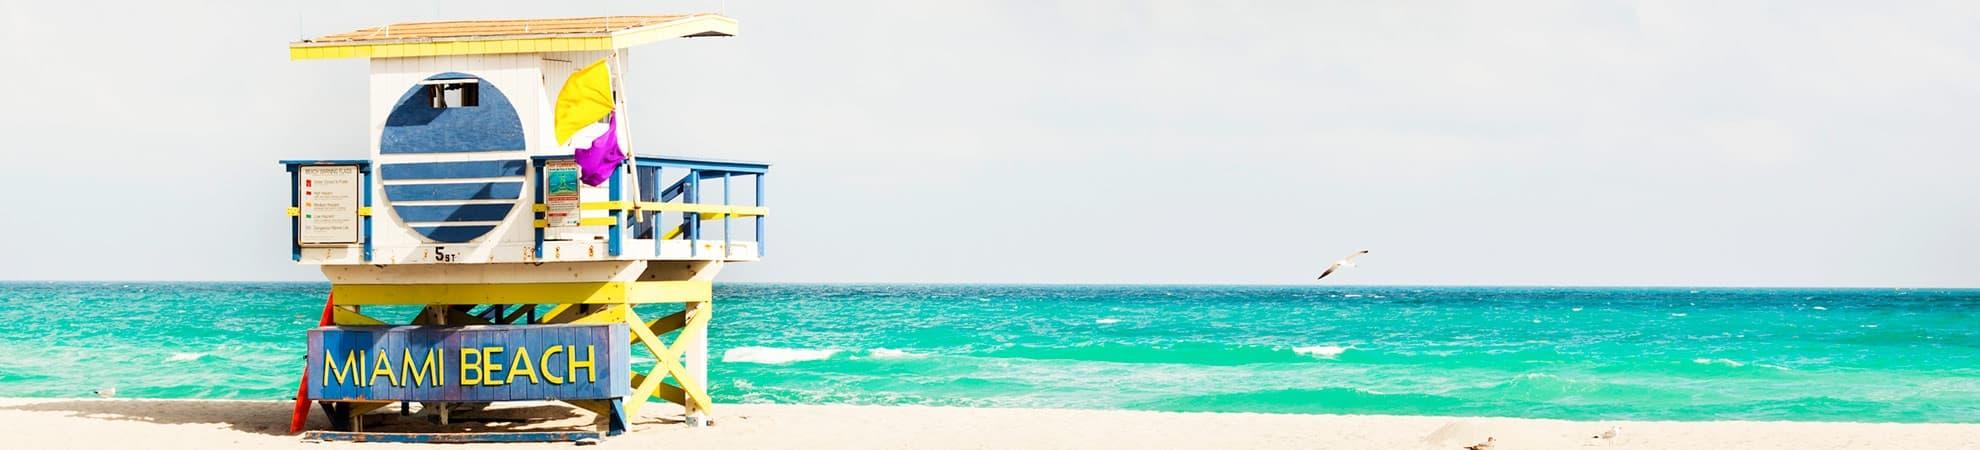 Voyage Miami